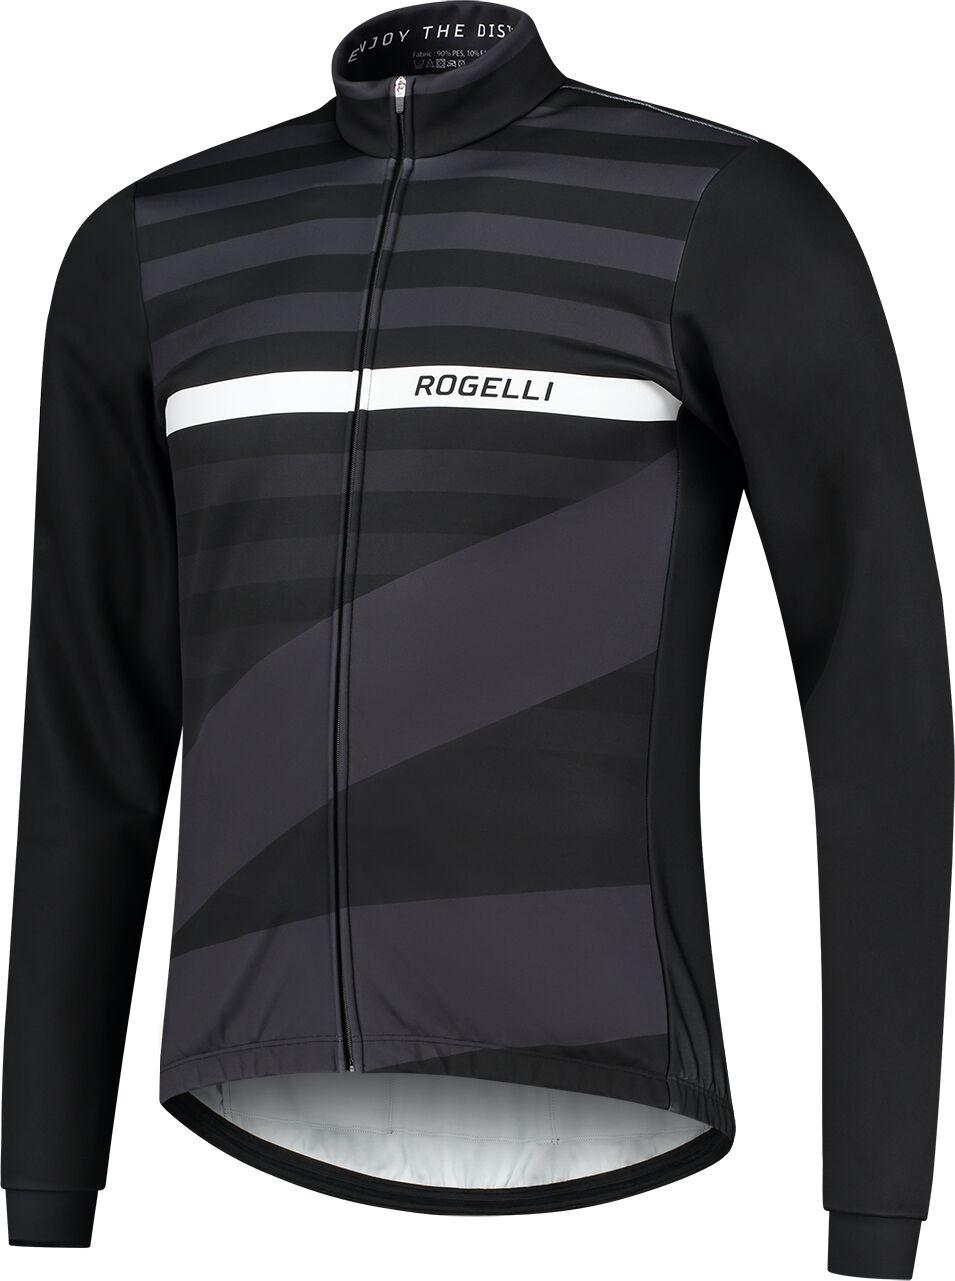 ROGELLI kurtka rowerowa zimowa STRIPE black ROG351039 Rozmiar: S,SROG351039.S